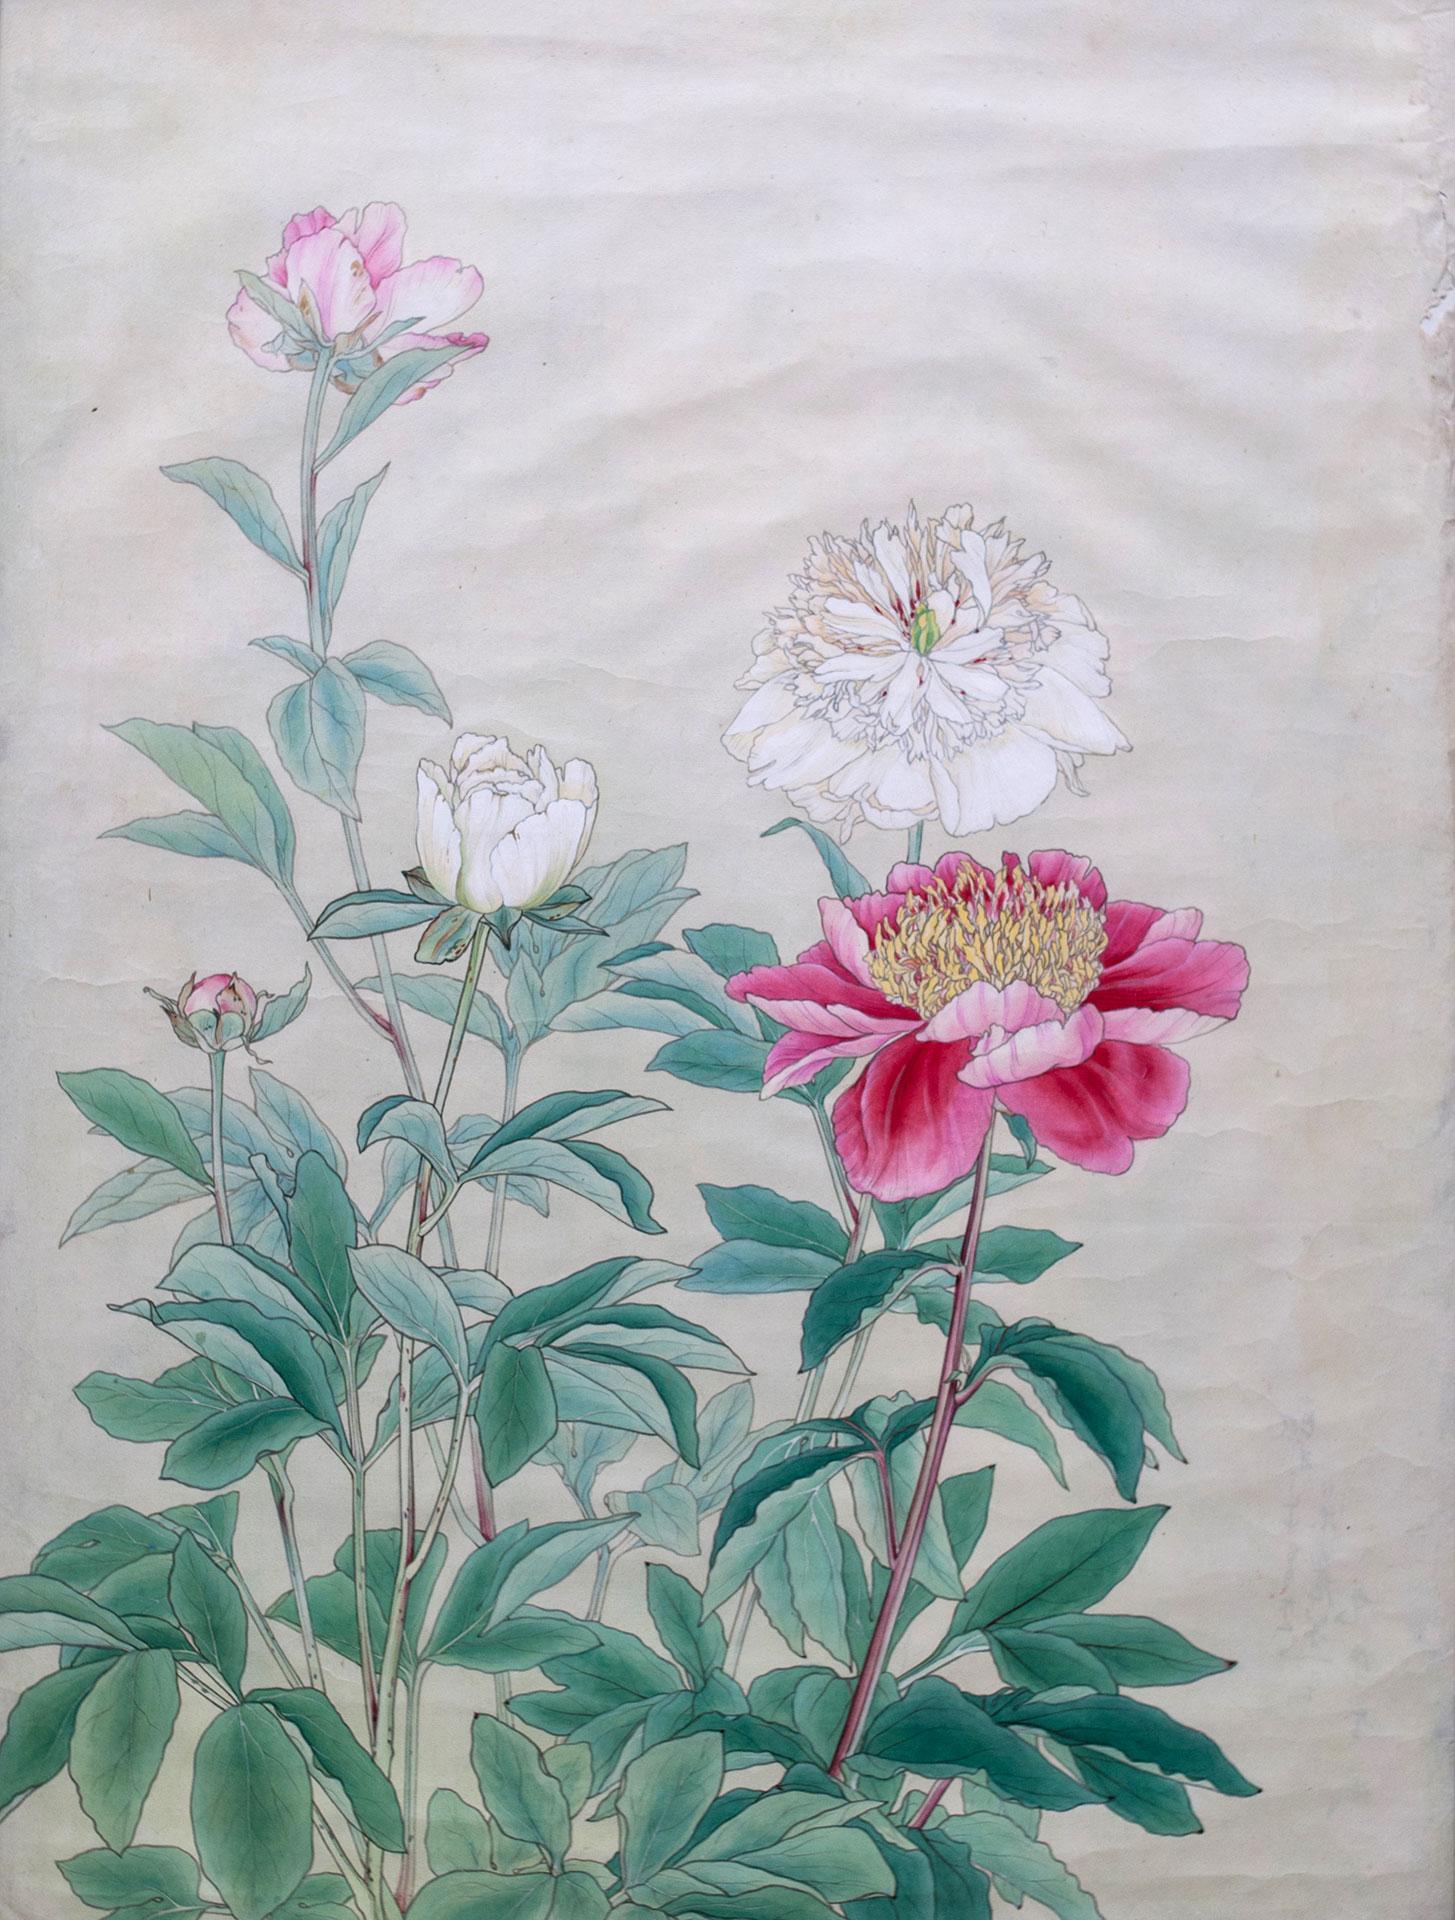 芍薬* - Paeonia Lactiflora